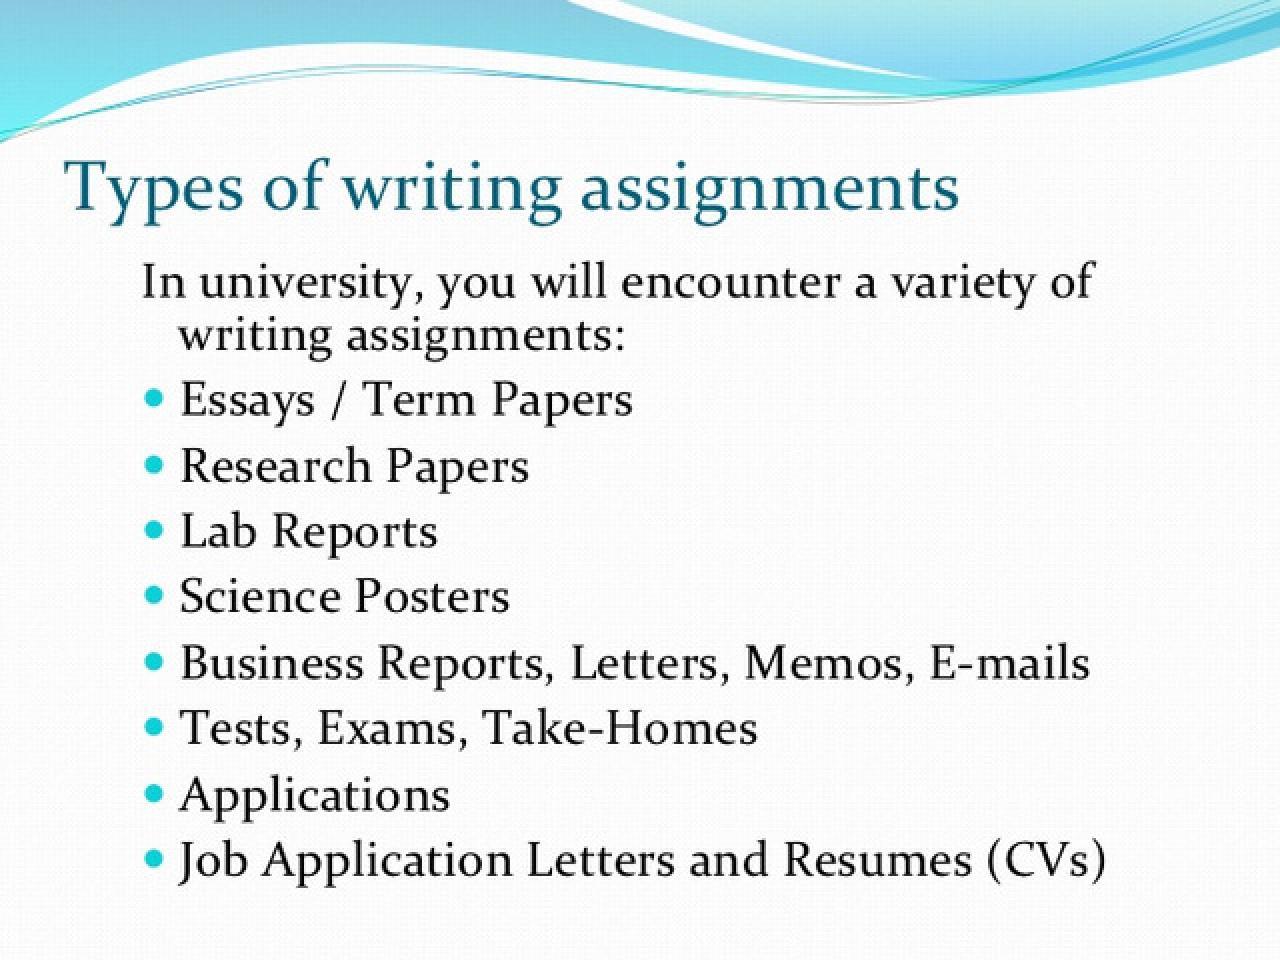 Помощь в сдаче  экзаменов в унивеситете или колледже - 2